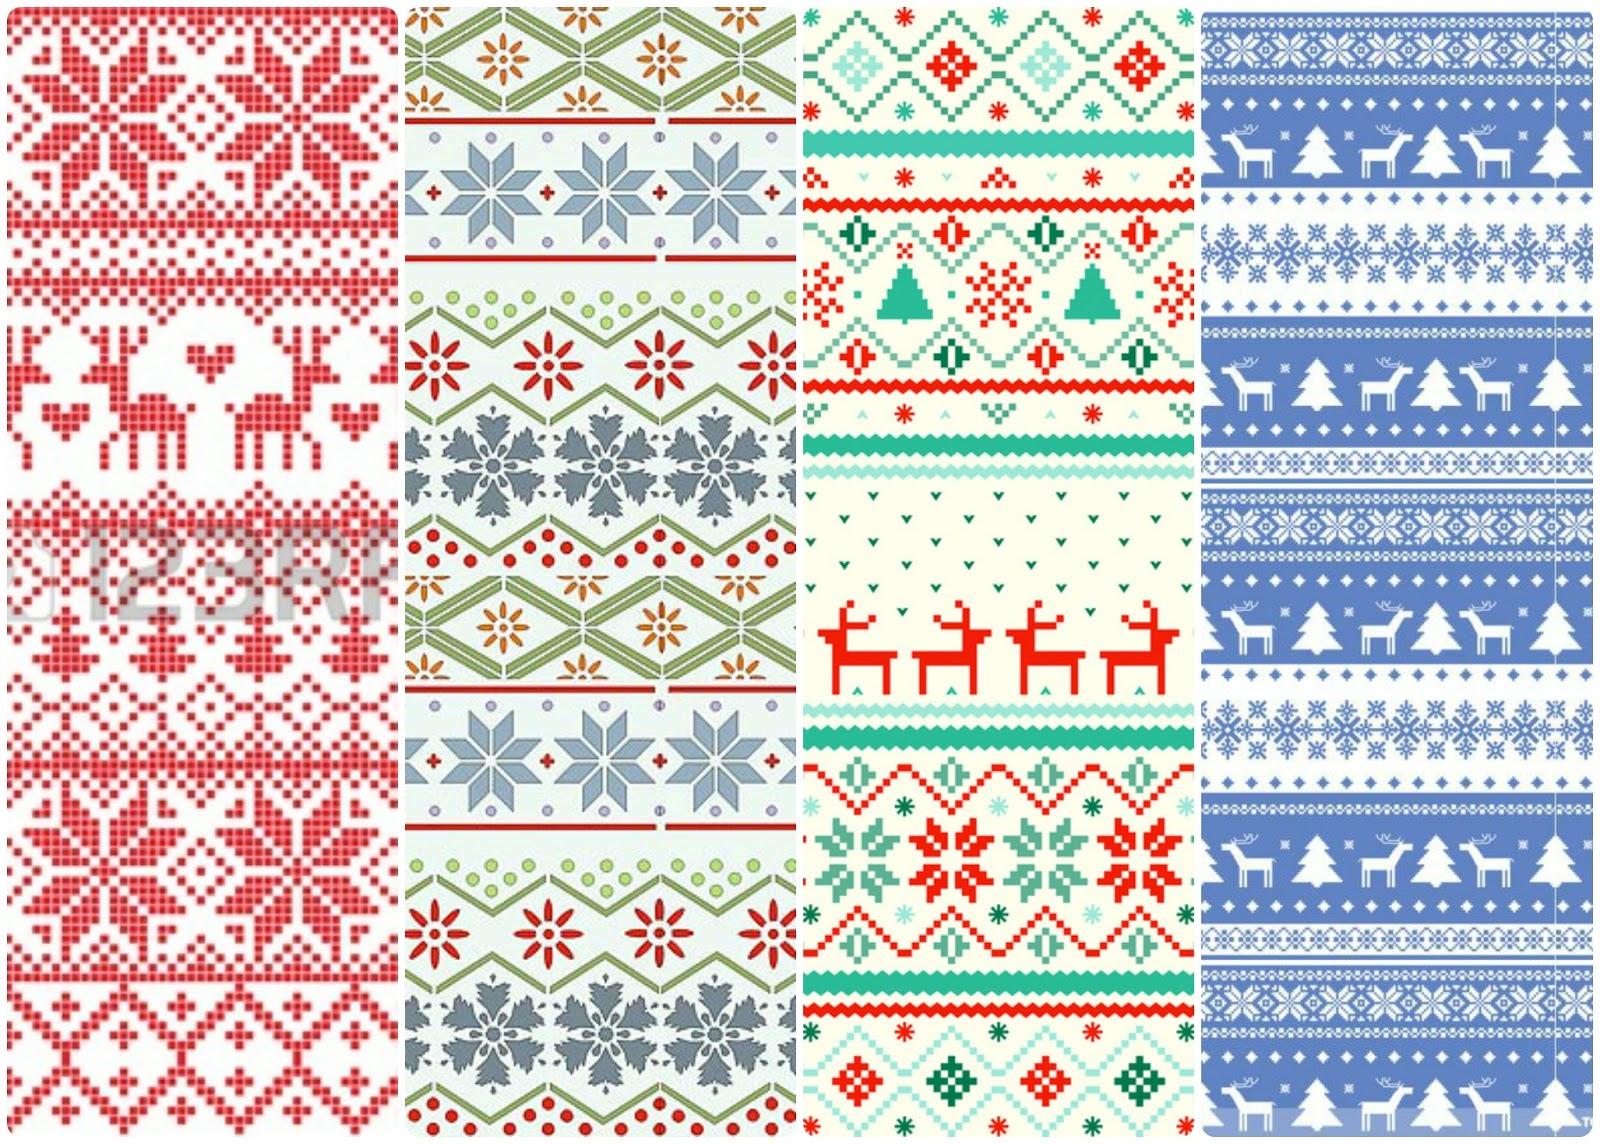 Aqui Hay Imagenes Bonitas De Navidad Para Fondo De: Imagenes Para Fondo De Escritorio De Navidad